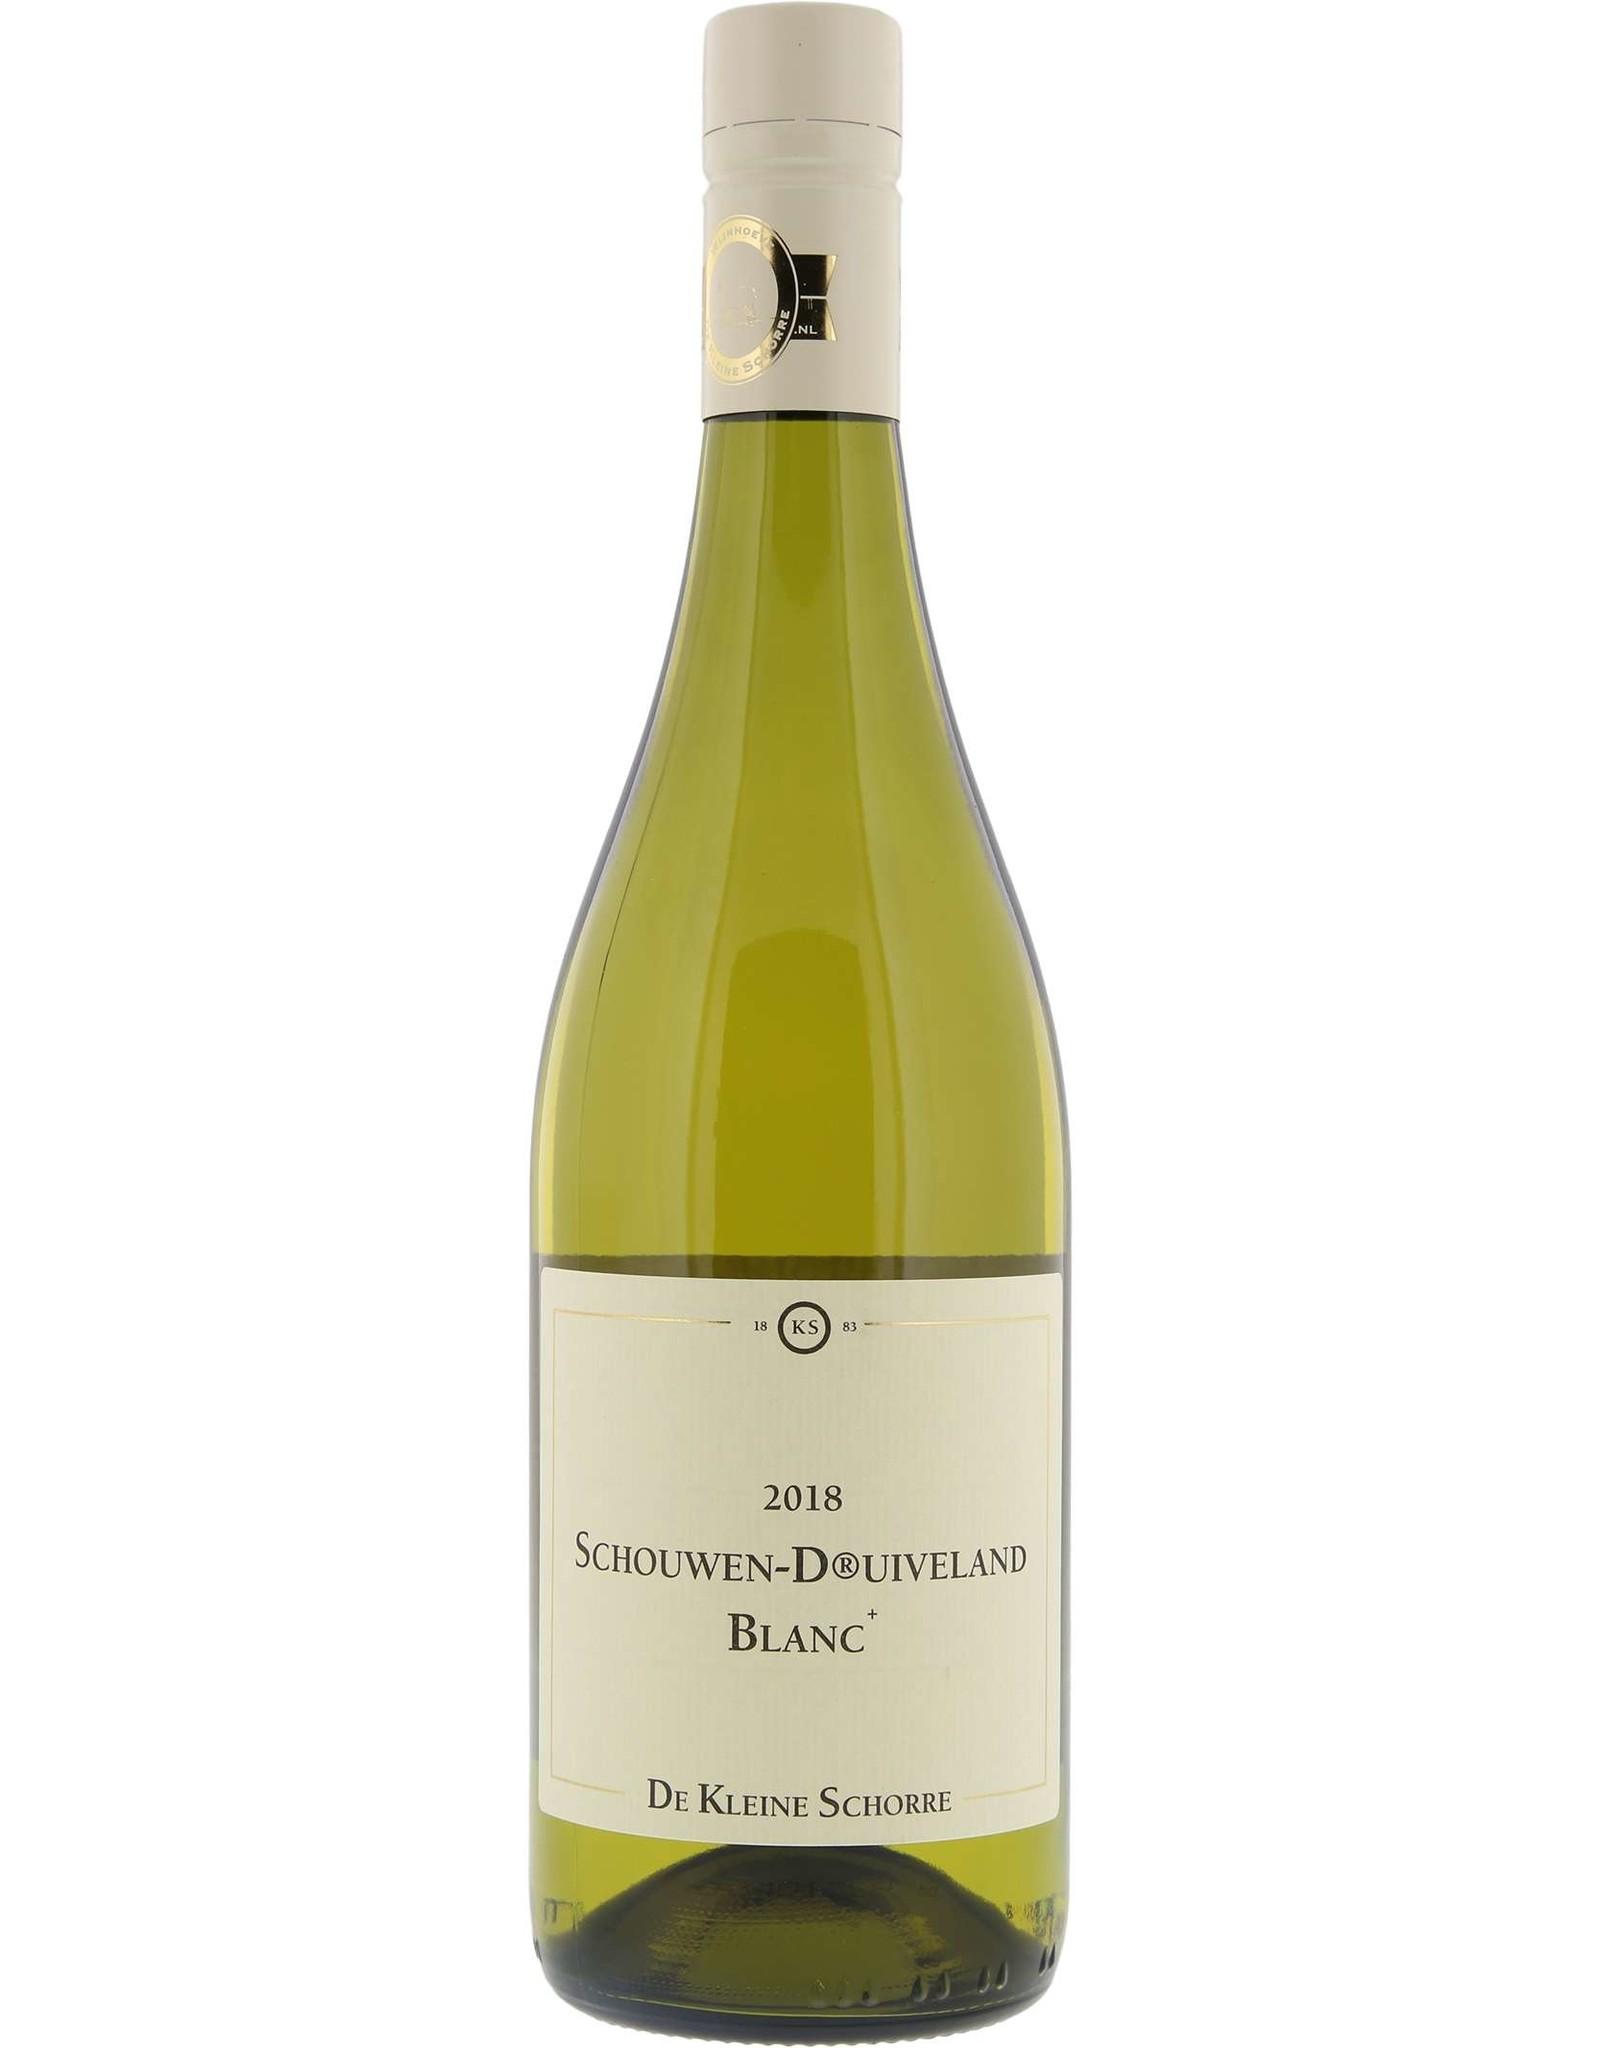 Schouwen-Druivenland Blanc 2020, De Kleine Schorre